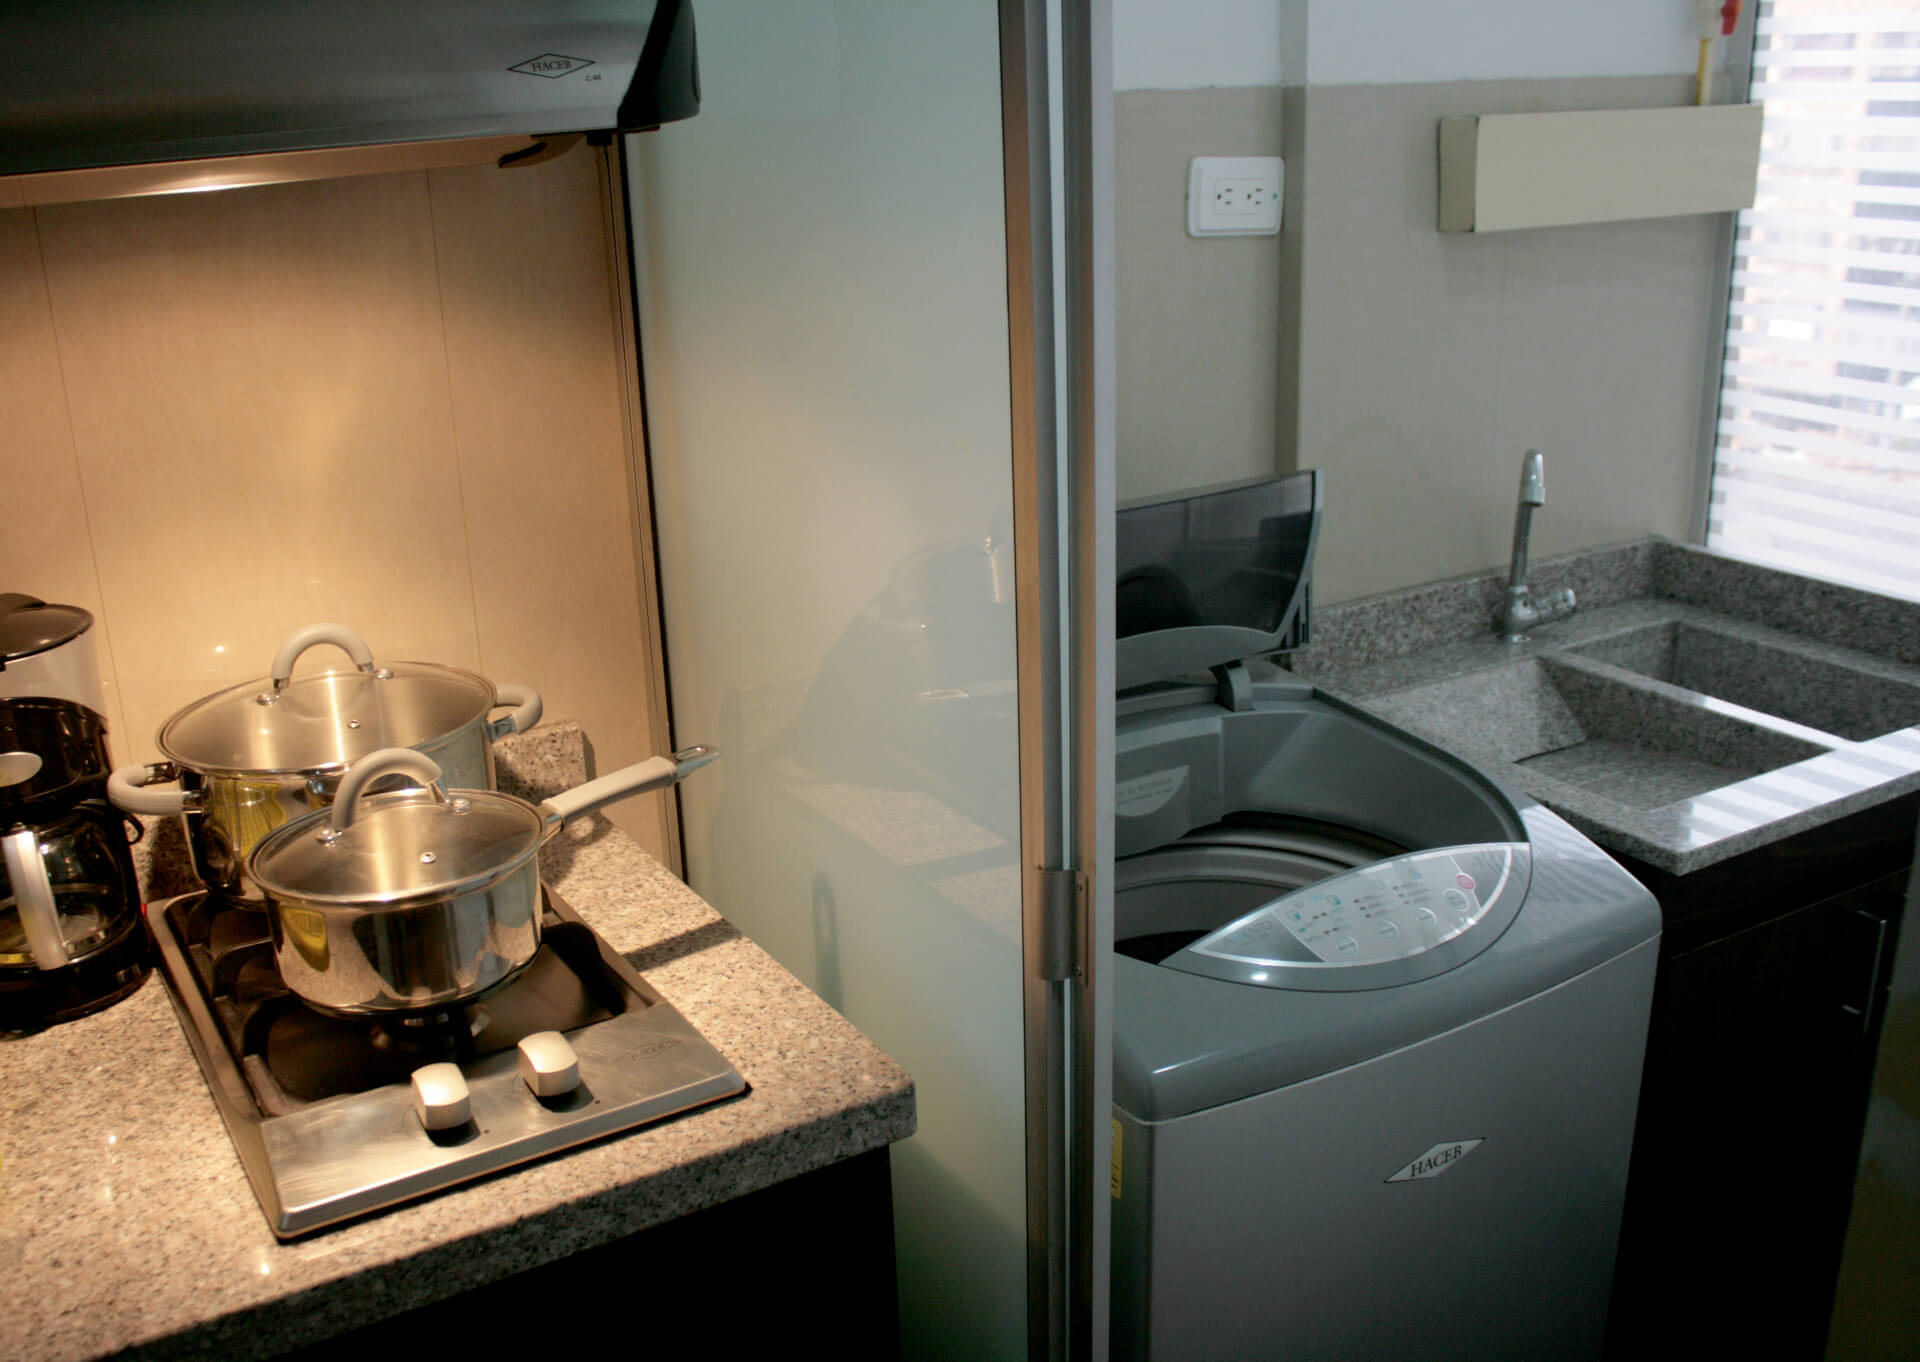 Cocina-Lavanderia